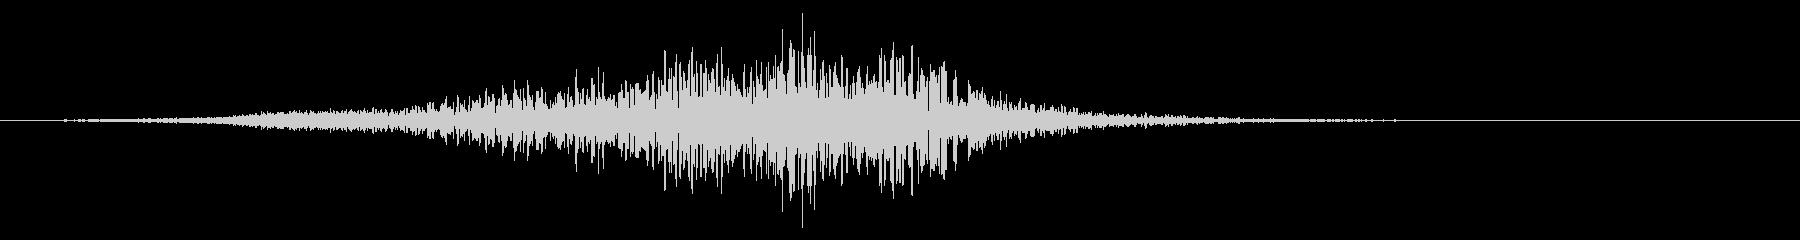 ヒューシュヘビーディープテンションパス1の未再生の波形